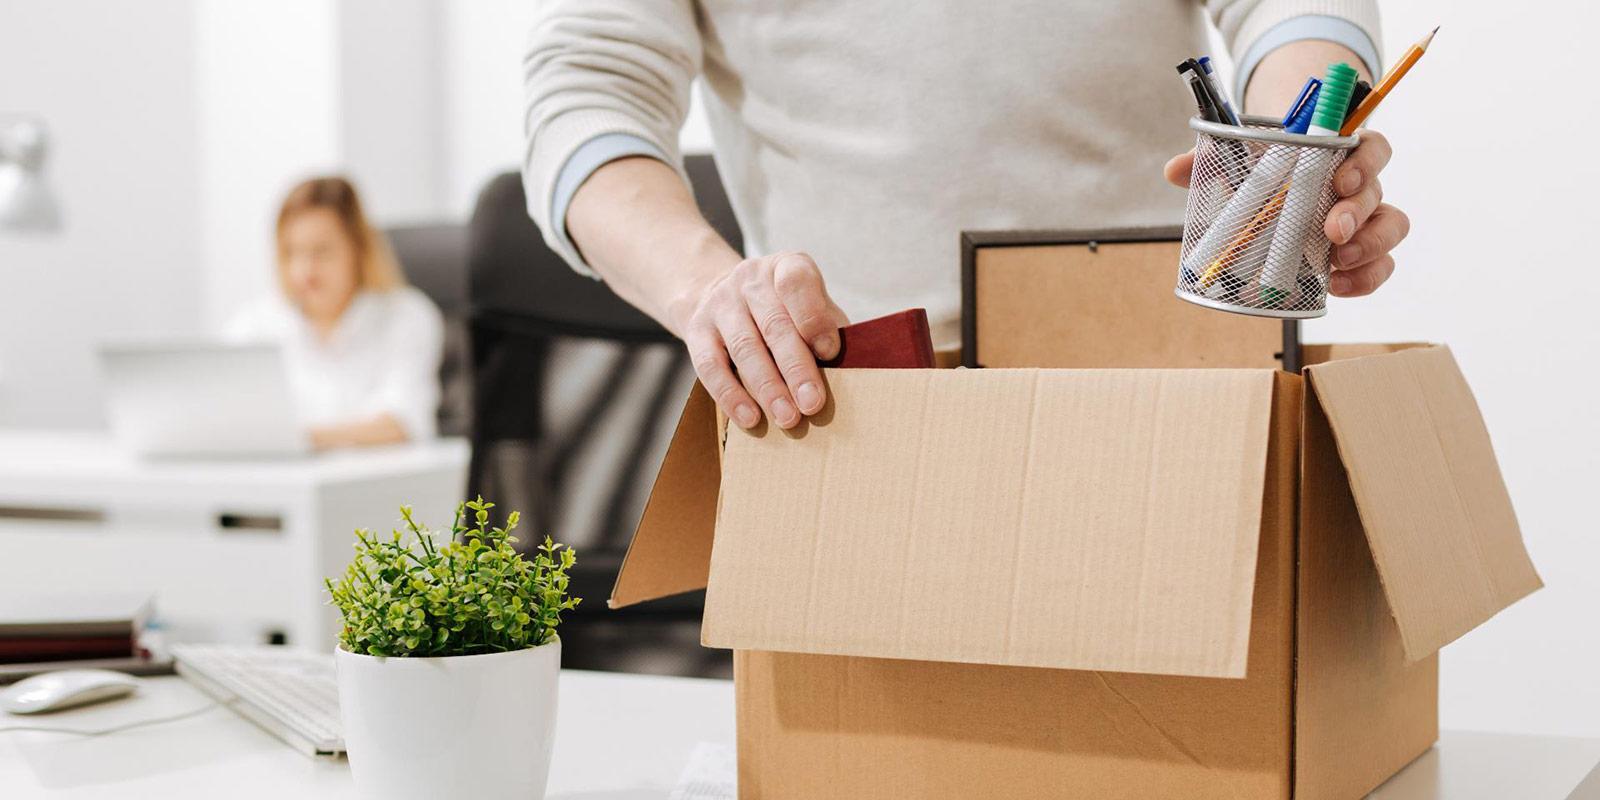 Půjčky pro nezaměstnané. Kde lze žádat o úvěr když přijdete o zaměstnání?